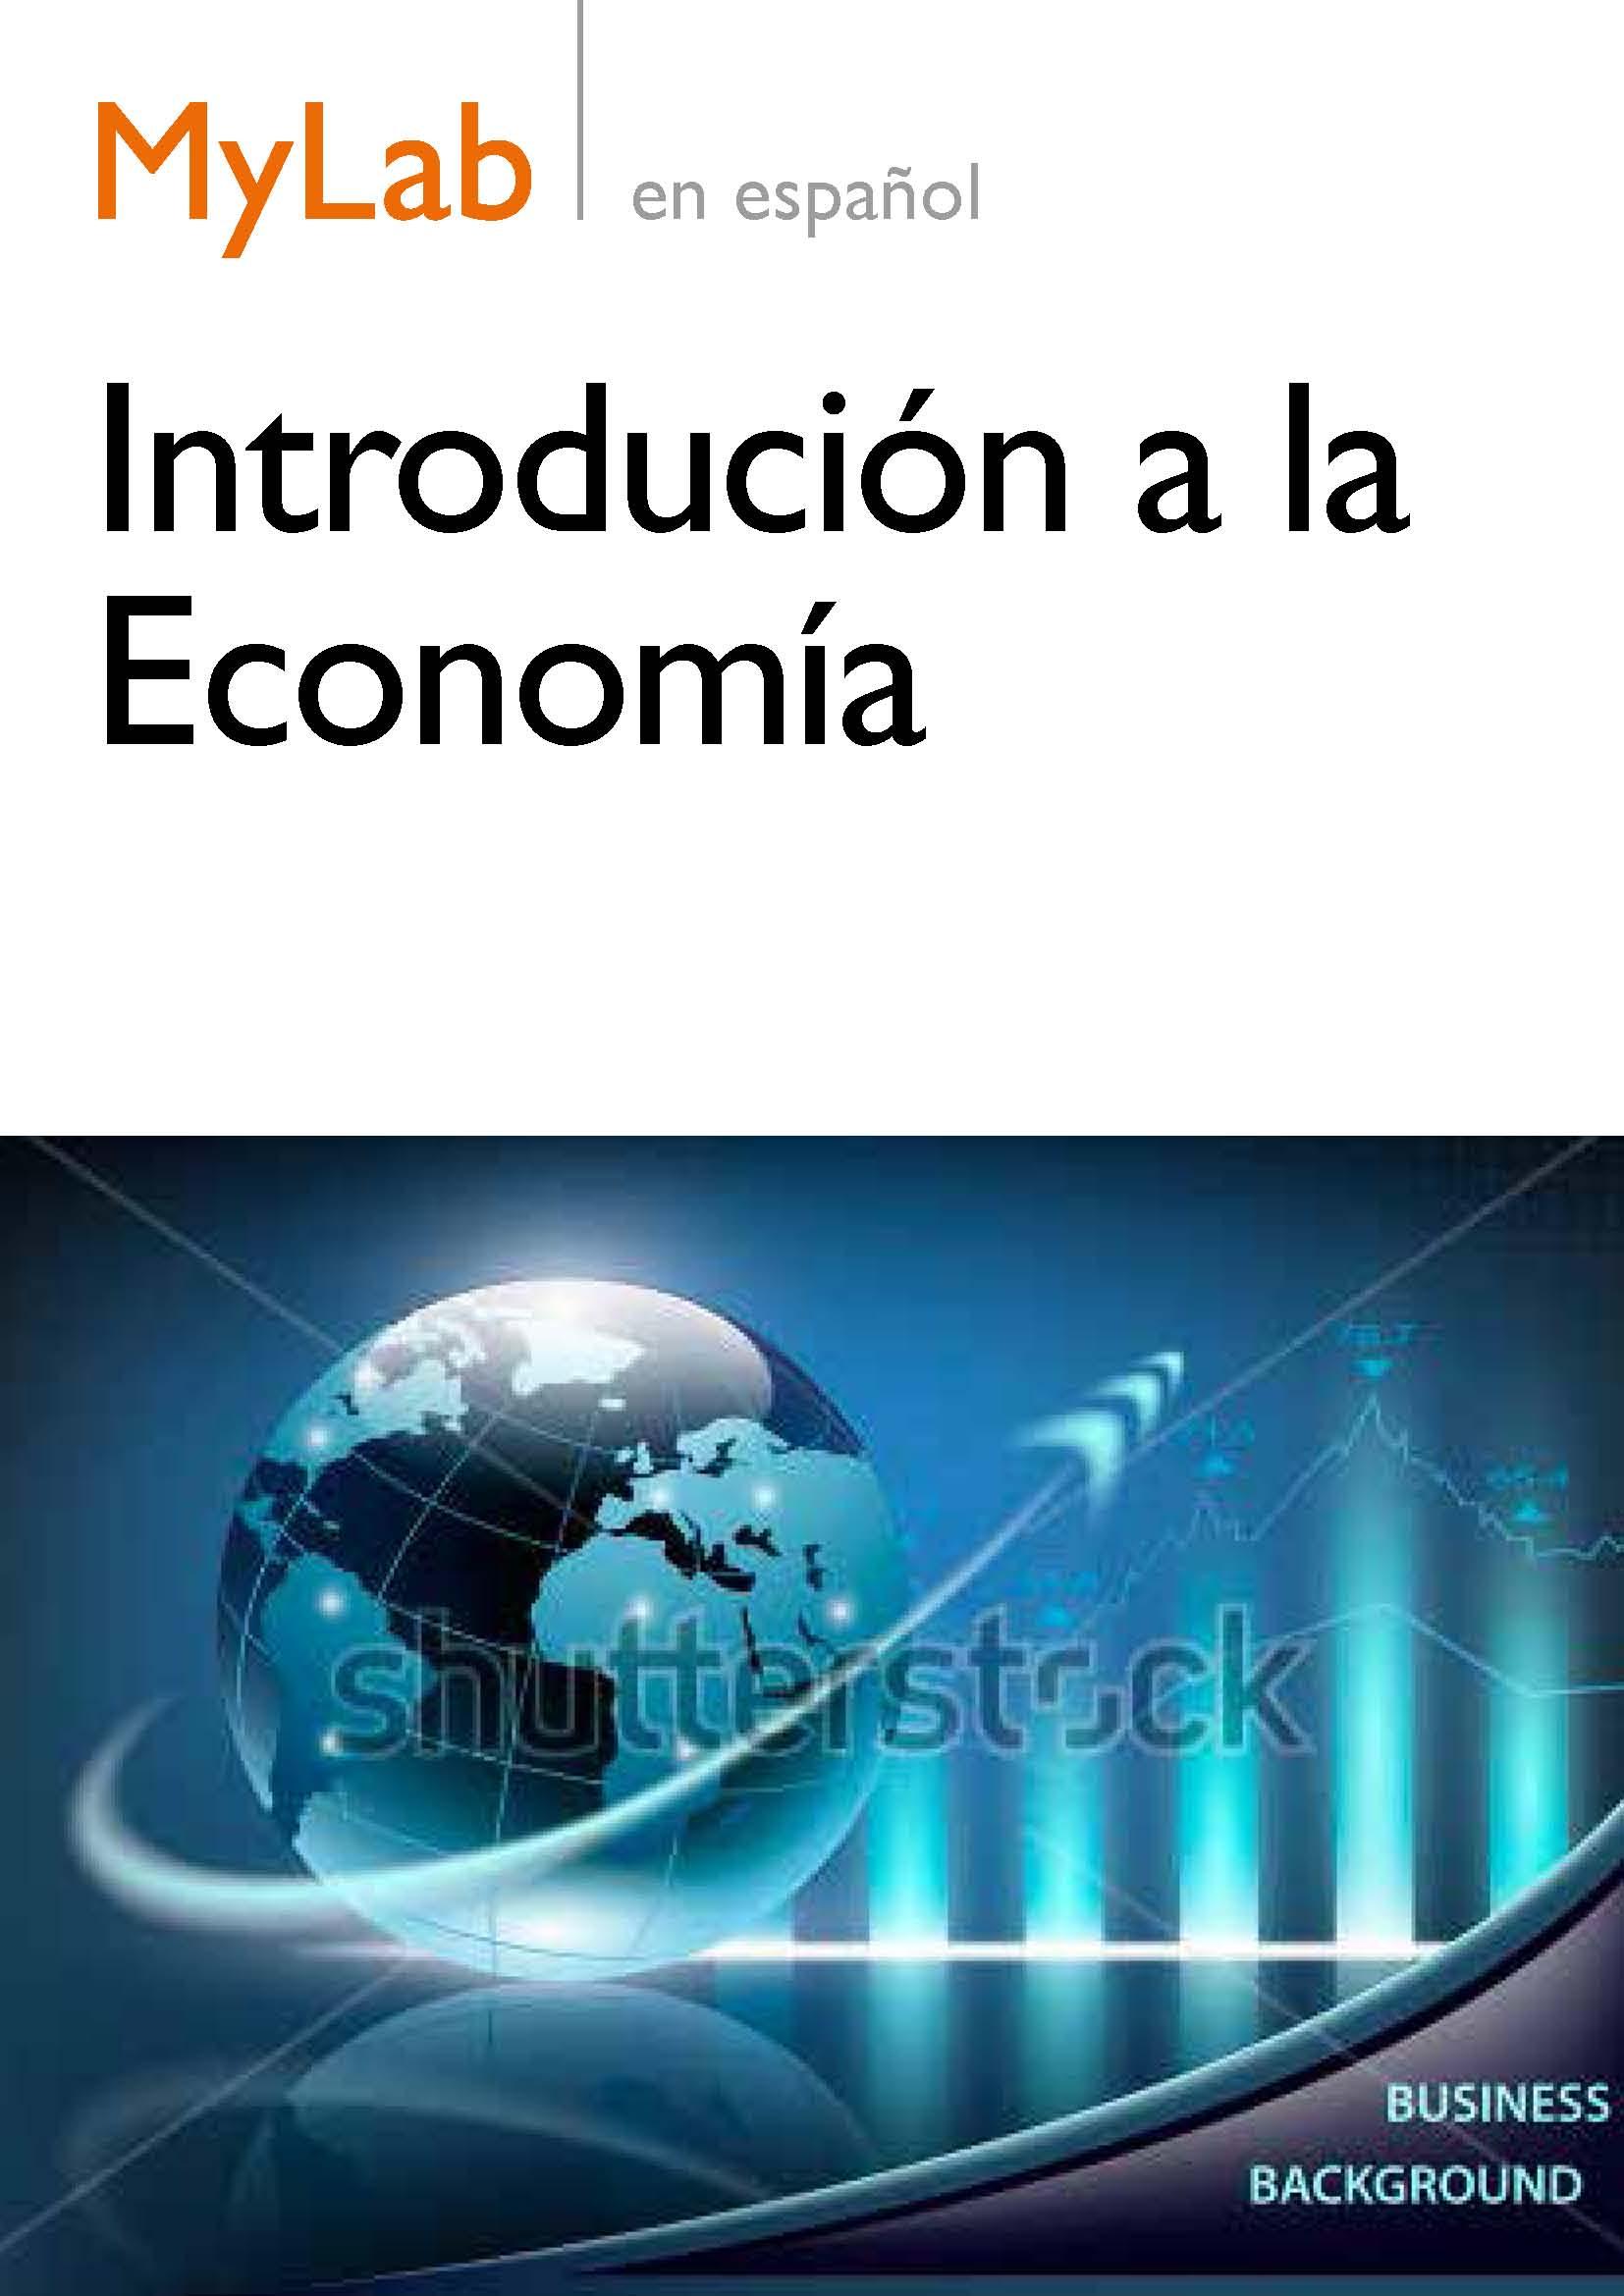 MyLab Introducción a la Economía: herramienta de recursos digitales (premium)